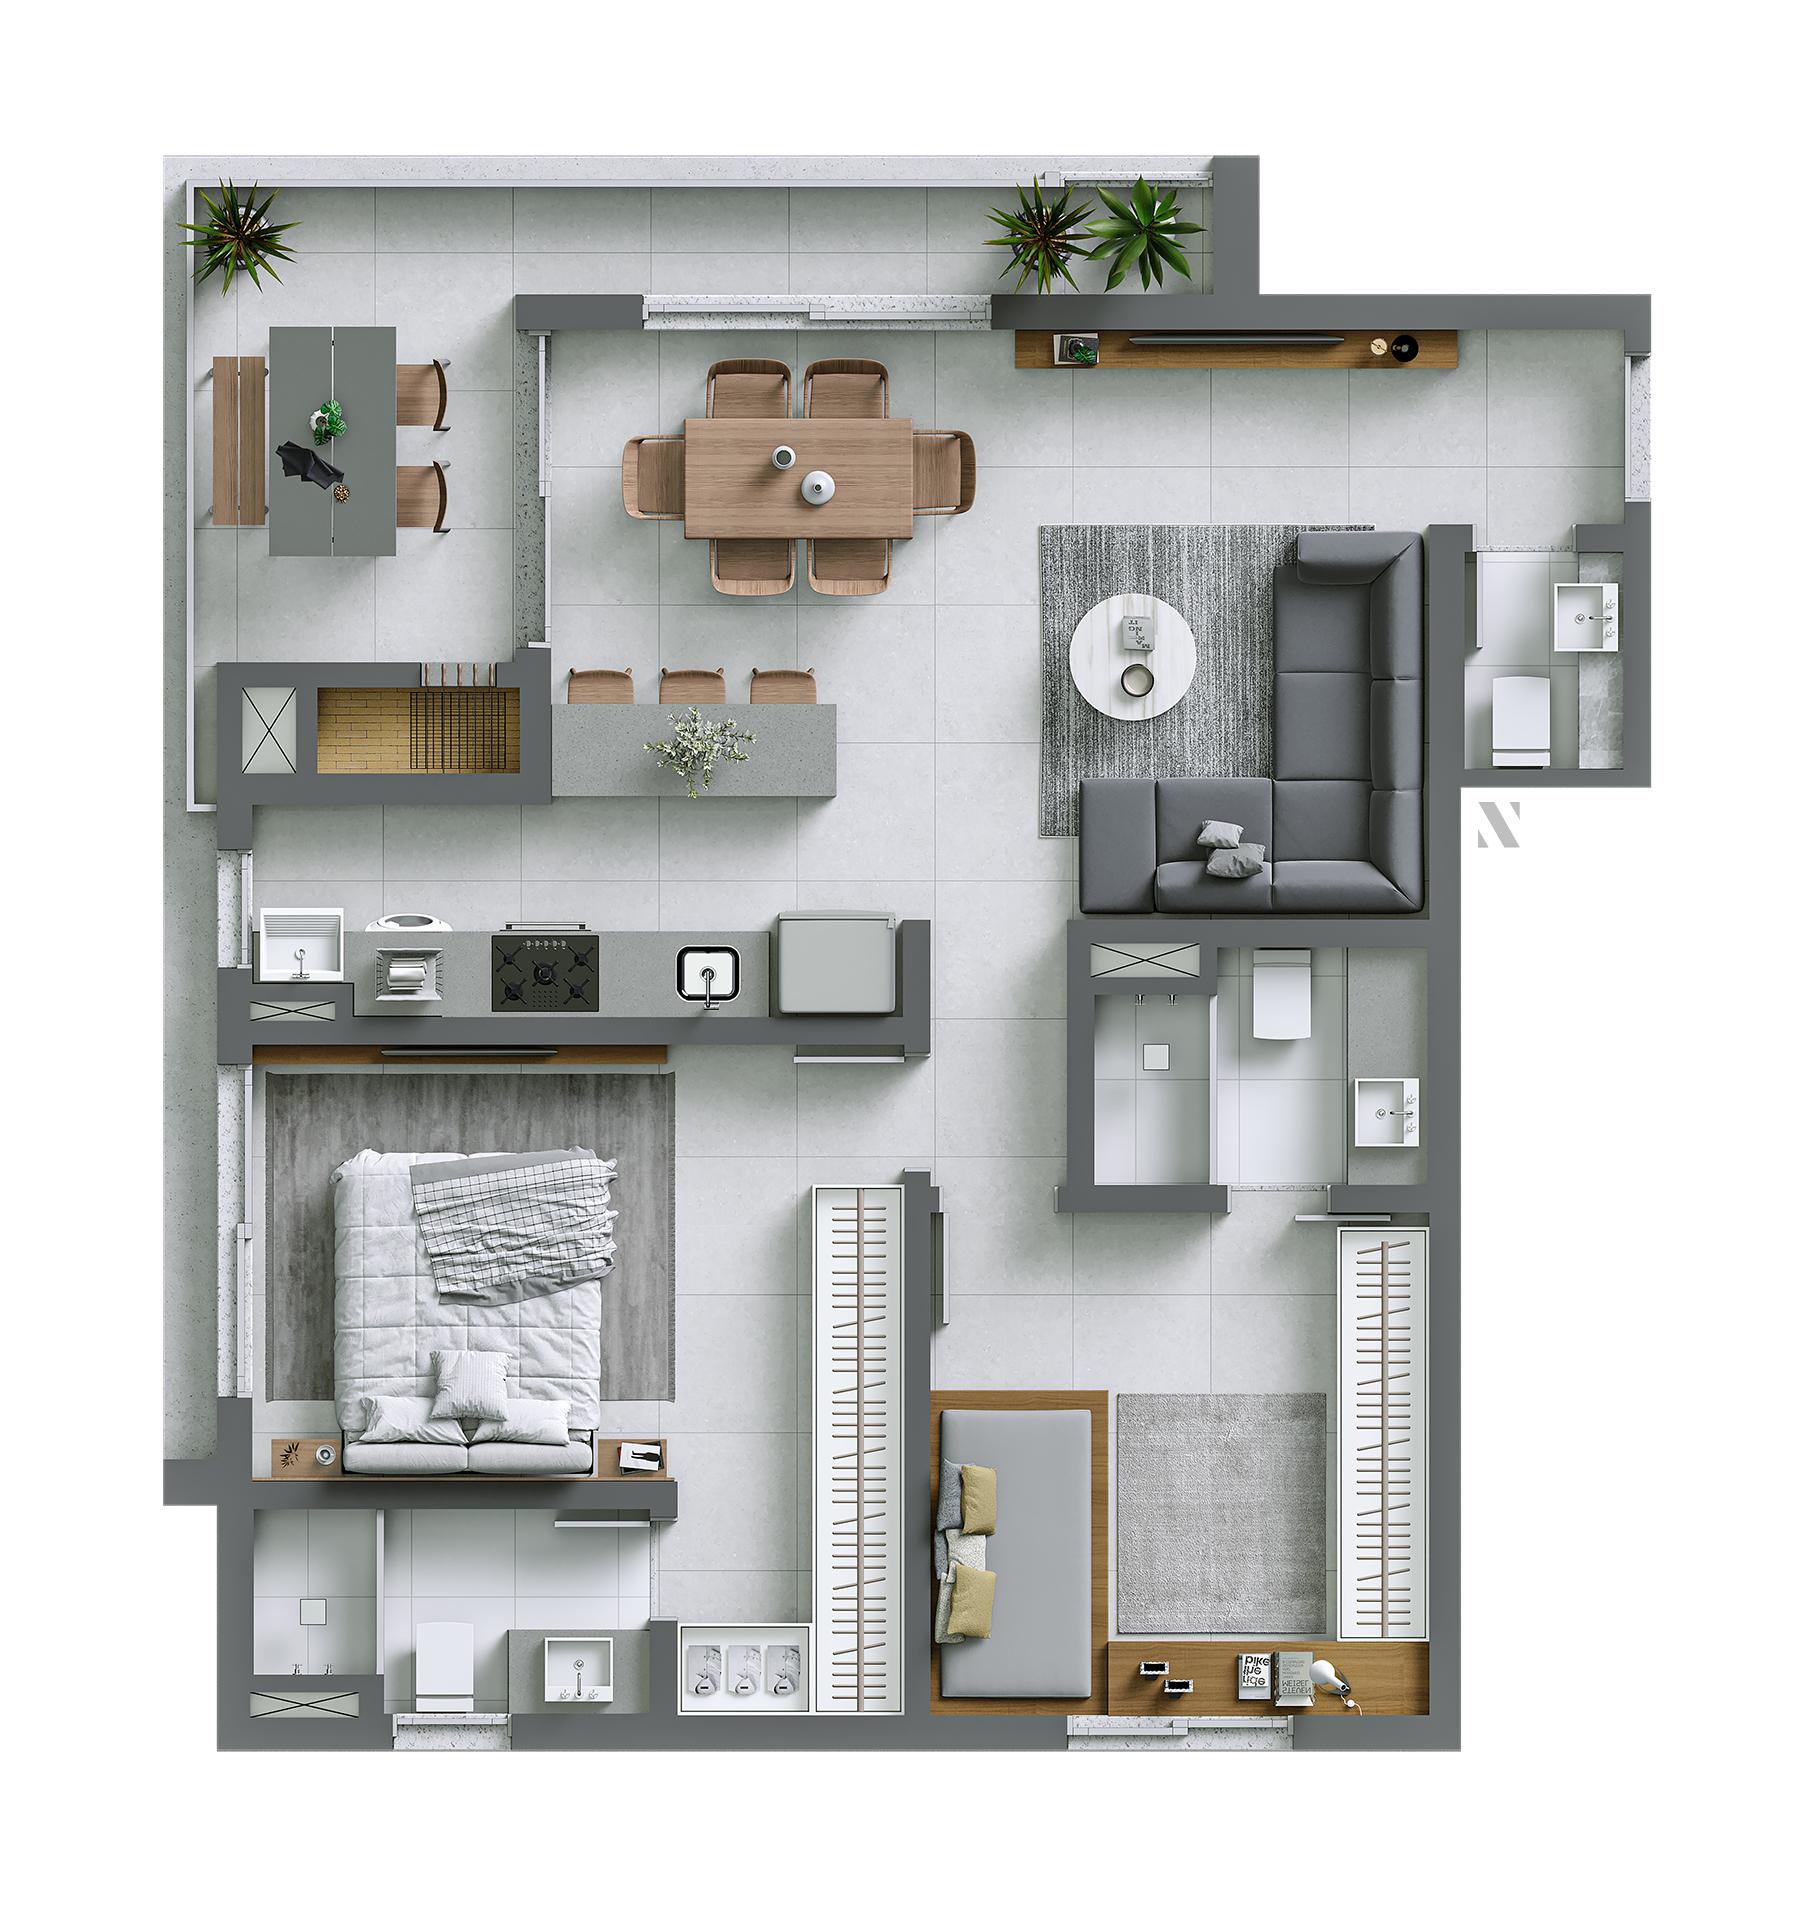 Vida planta: Apartamento 01 - 87,65 m²